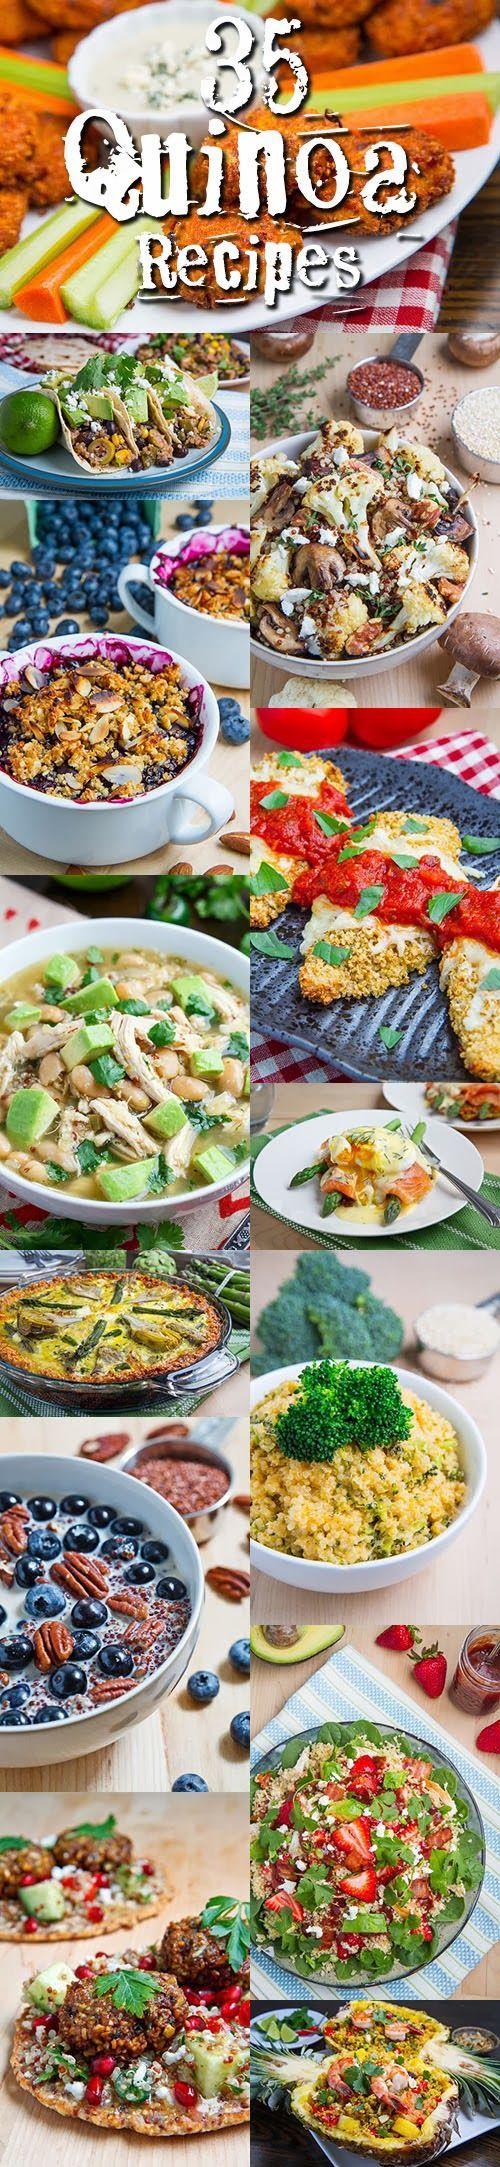 35 Quinoa Recipes